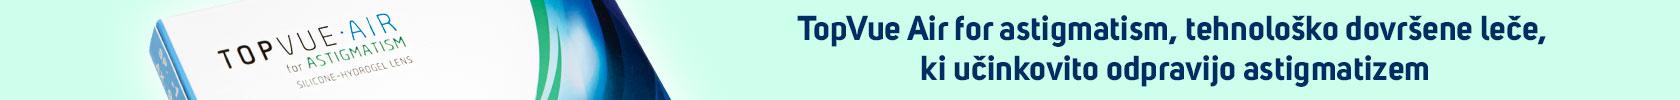 TopVue Air za astigmatizem